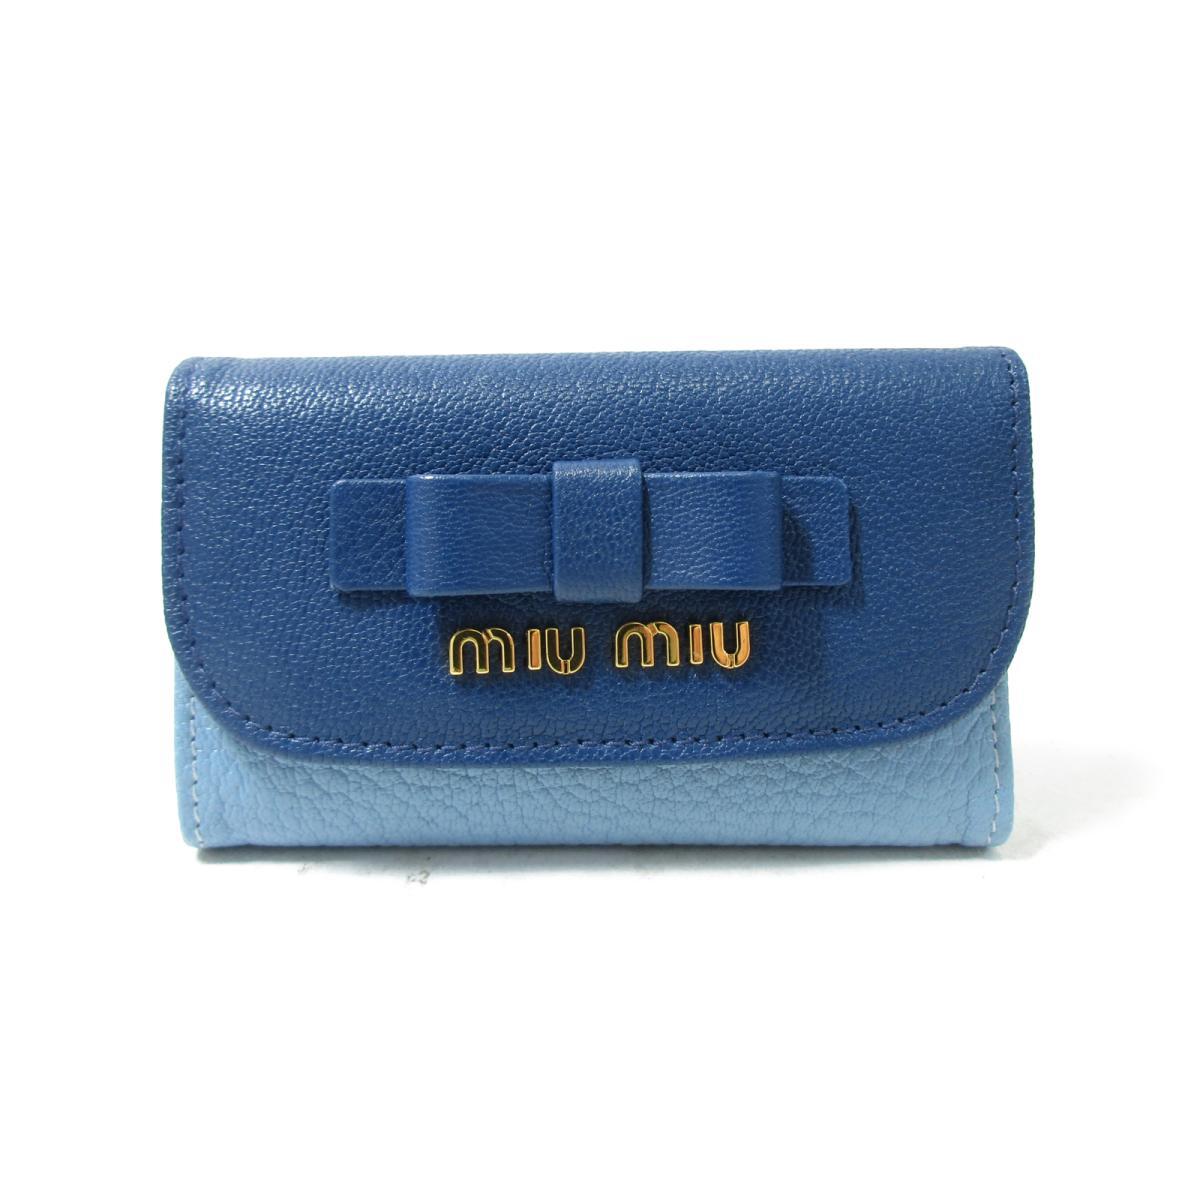 ミュウミュウ キーケース レディース レザー ブルー5M0222miu BRANDOFF ブランドオフ ブランド ブランド雑貨 小物 雑貨 キーホルダーOTkXZPilwu